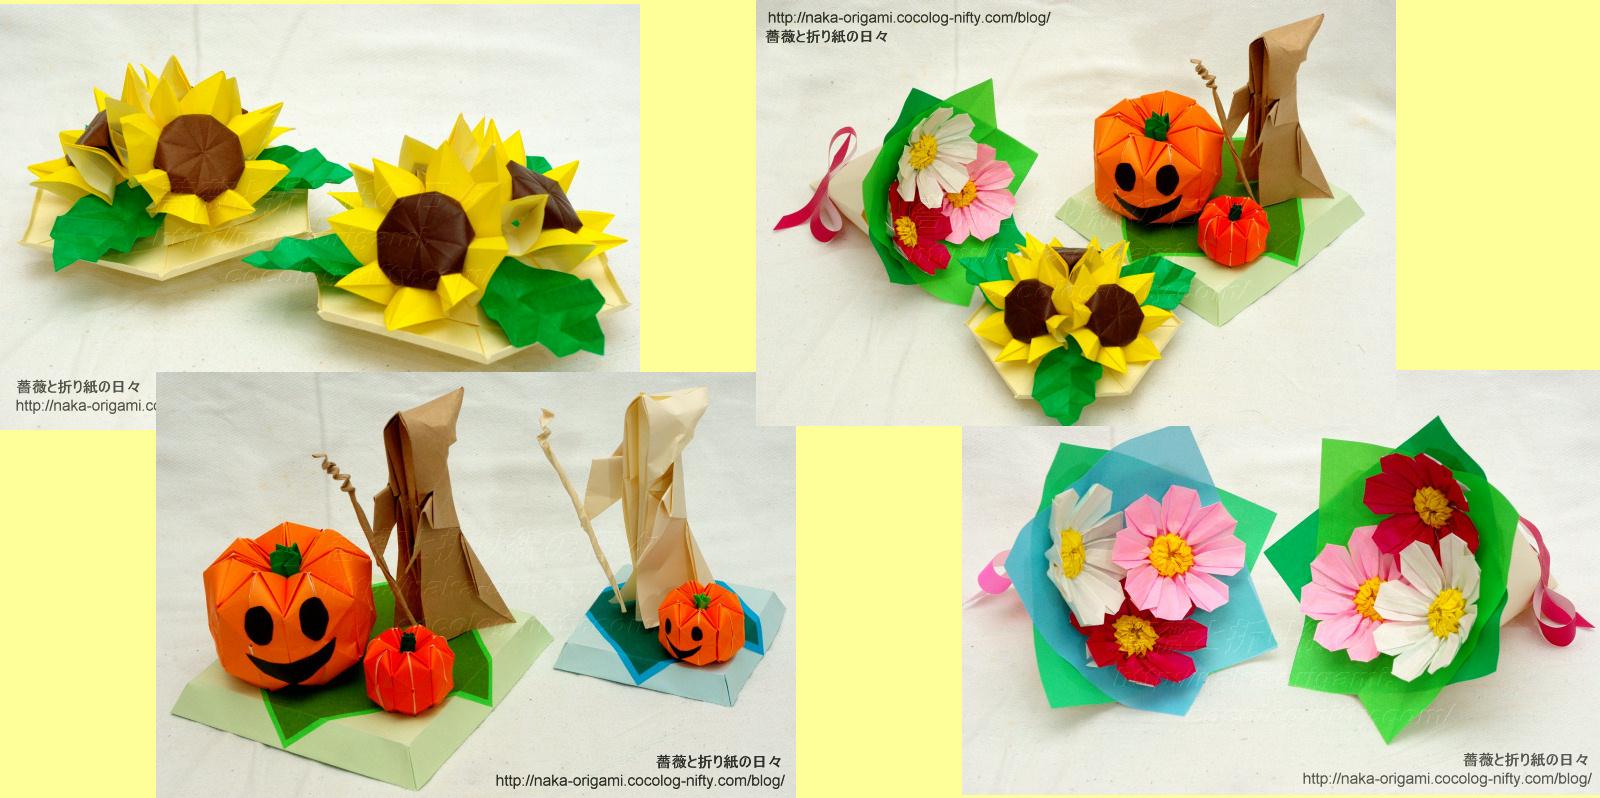 横浜_折り紙教室作品サンプル2013夏